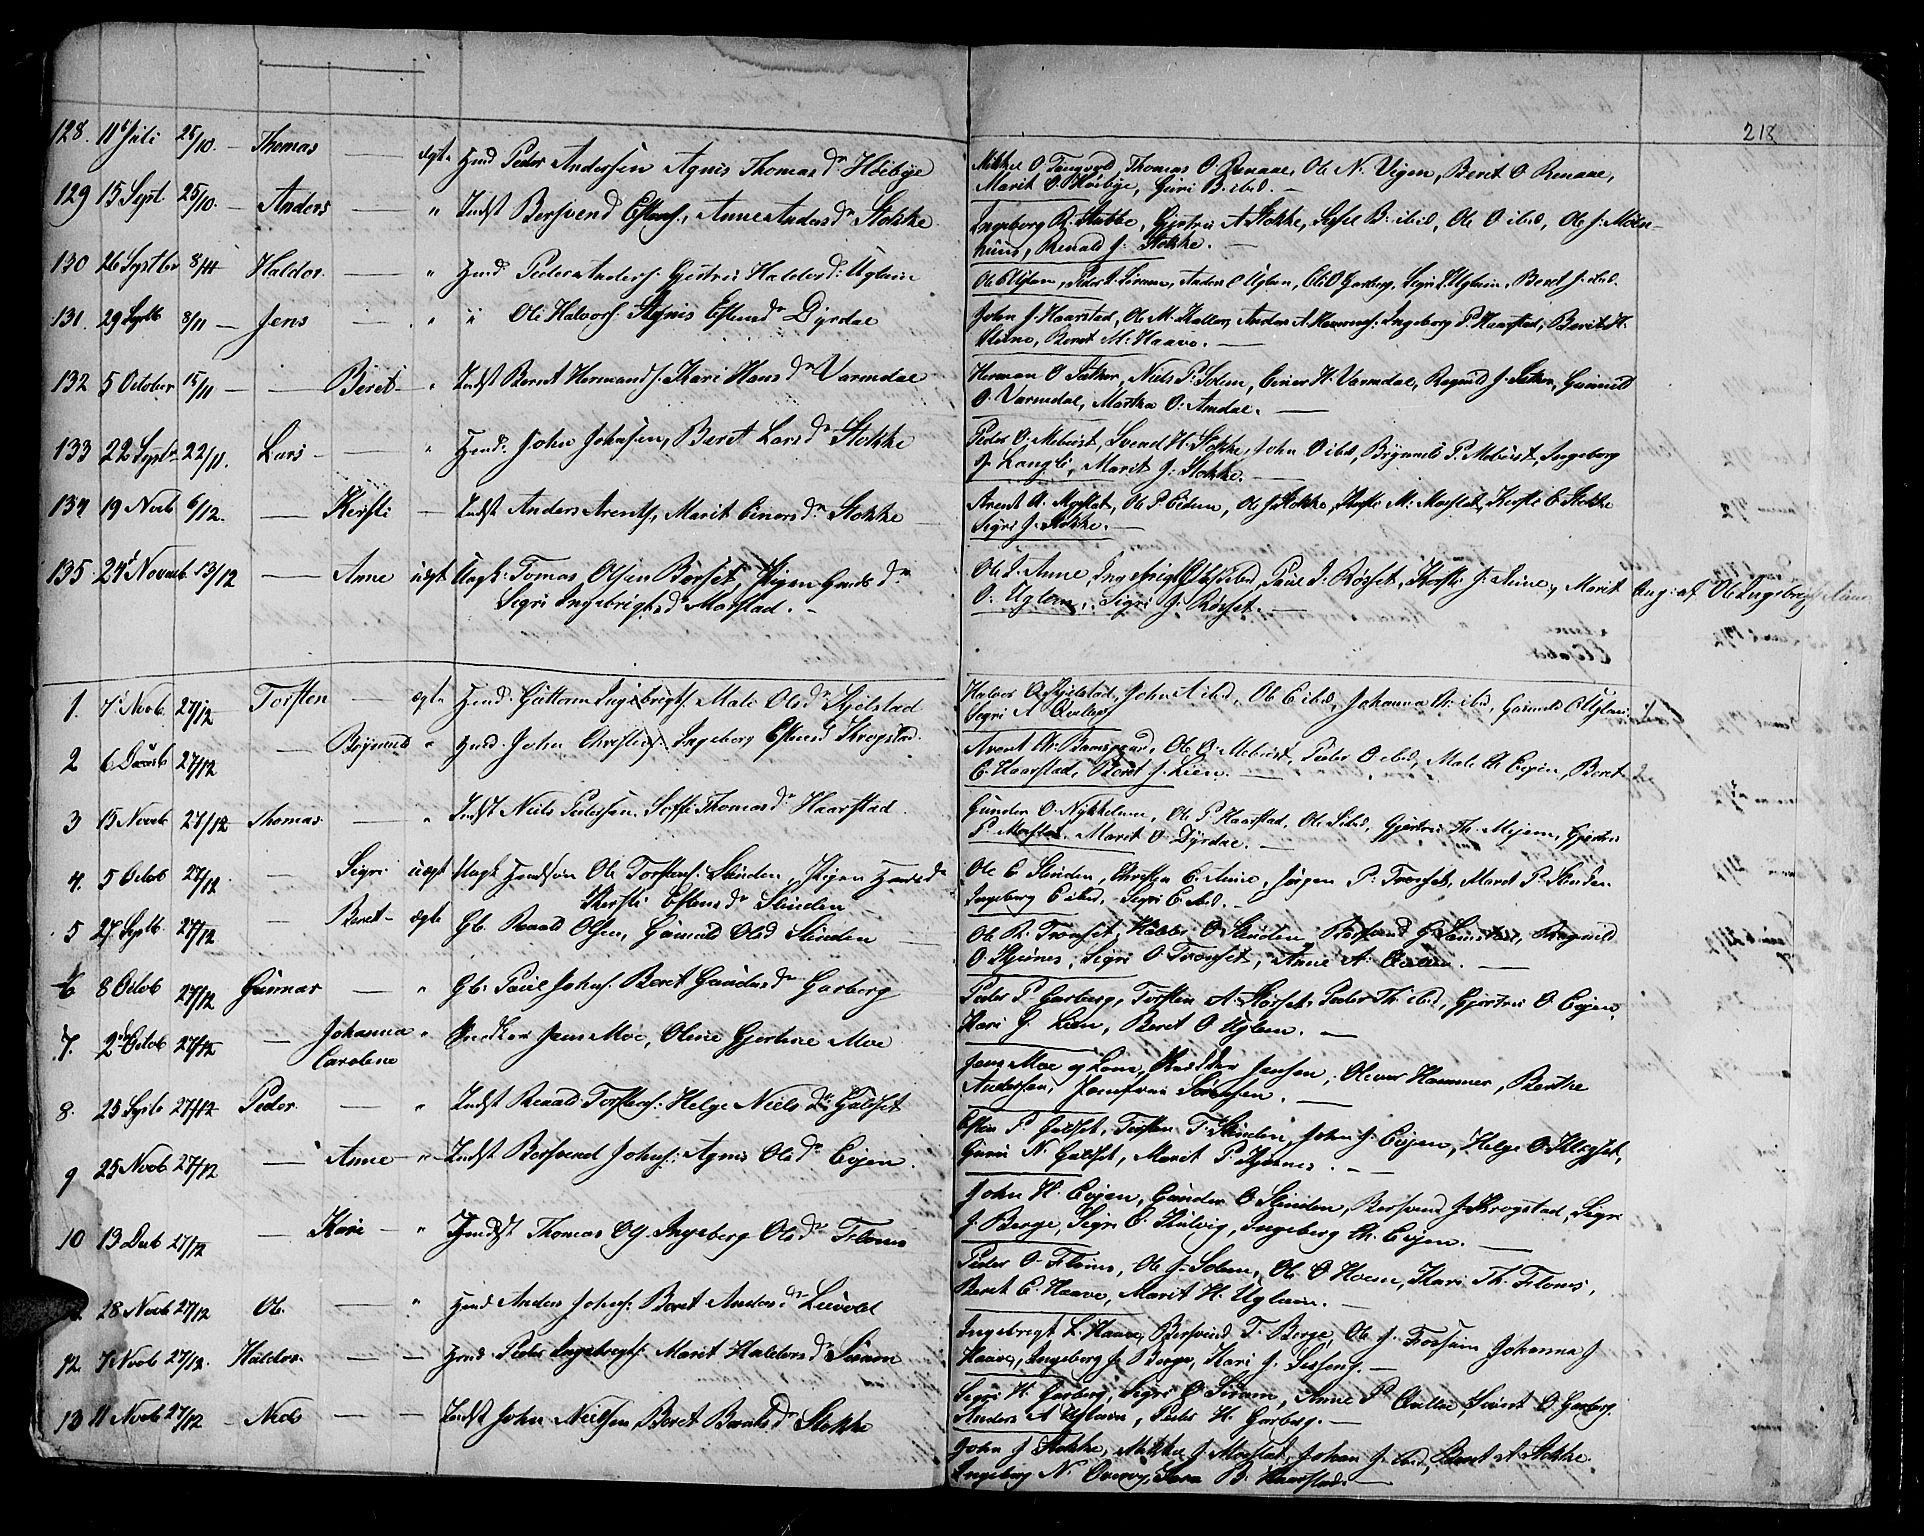 SAT, Ministerialprotokoller, klokkerbøker og fødselsregistre - Sør-Trøndelag, 695/L1154: Klokkerbok nr. 695C05, 1842-1858, s. 218